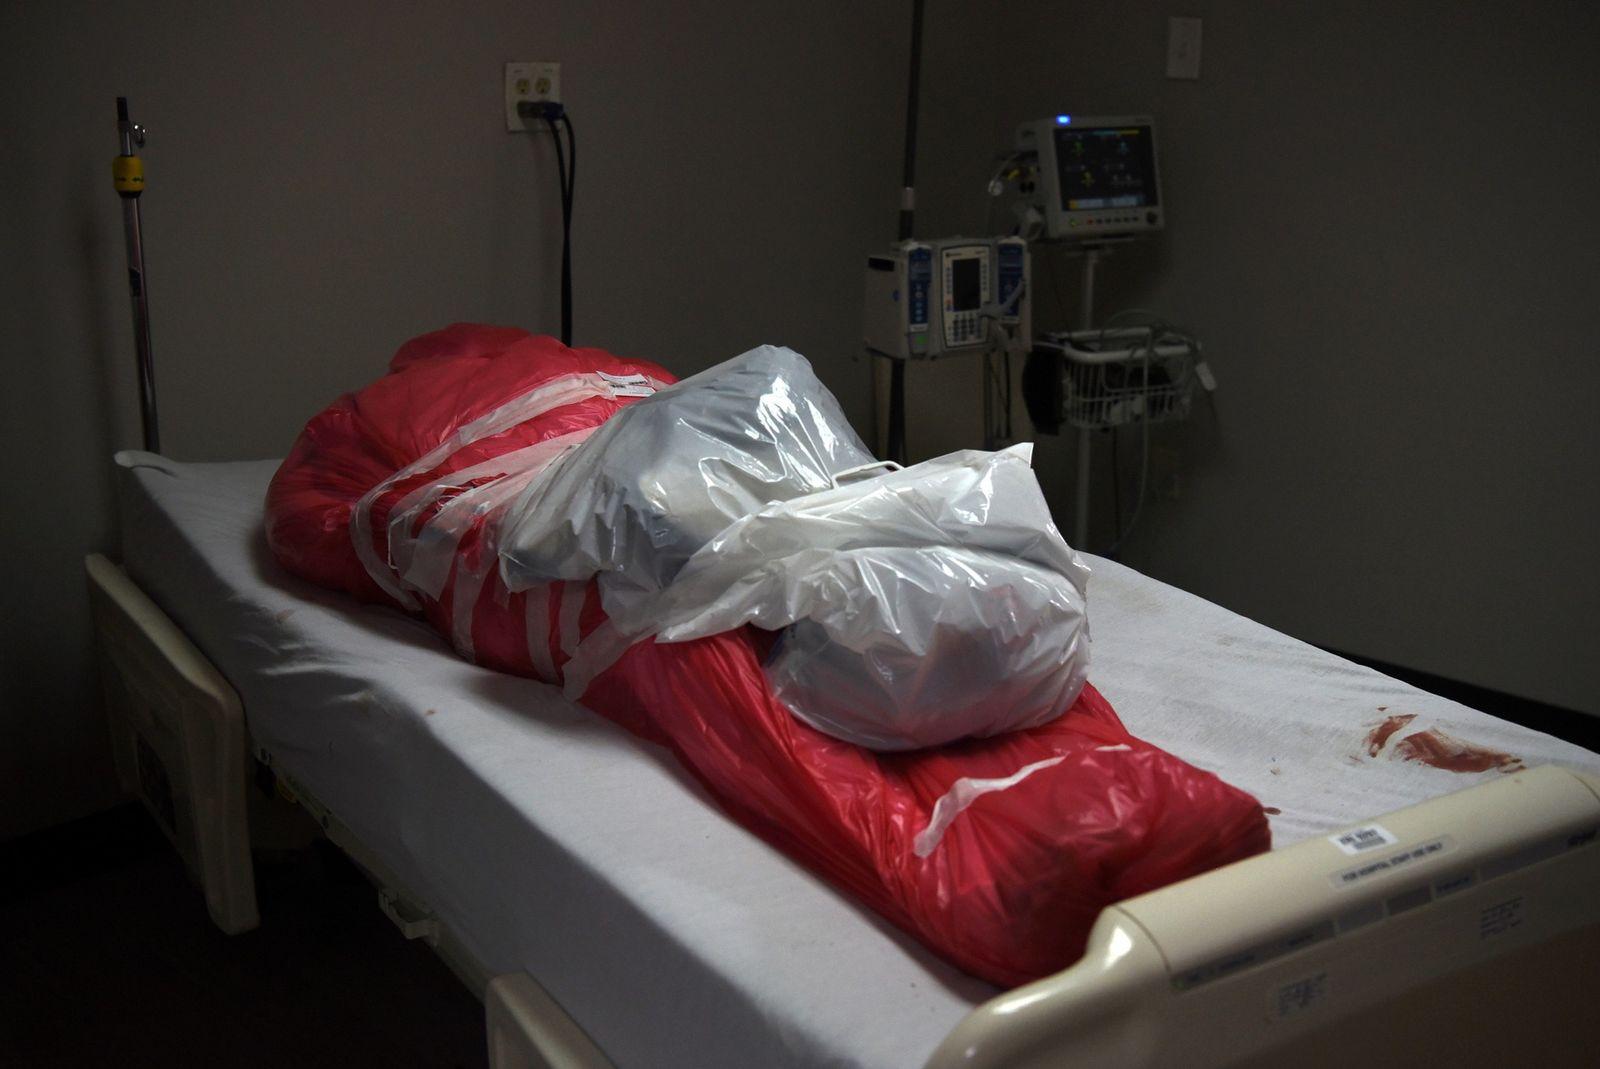 El COVID-19 es más mortal que la gripe, afirman científicos